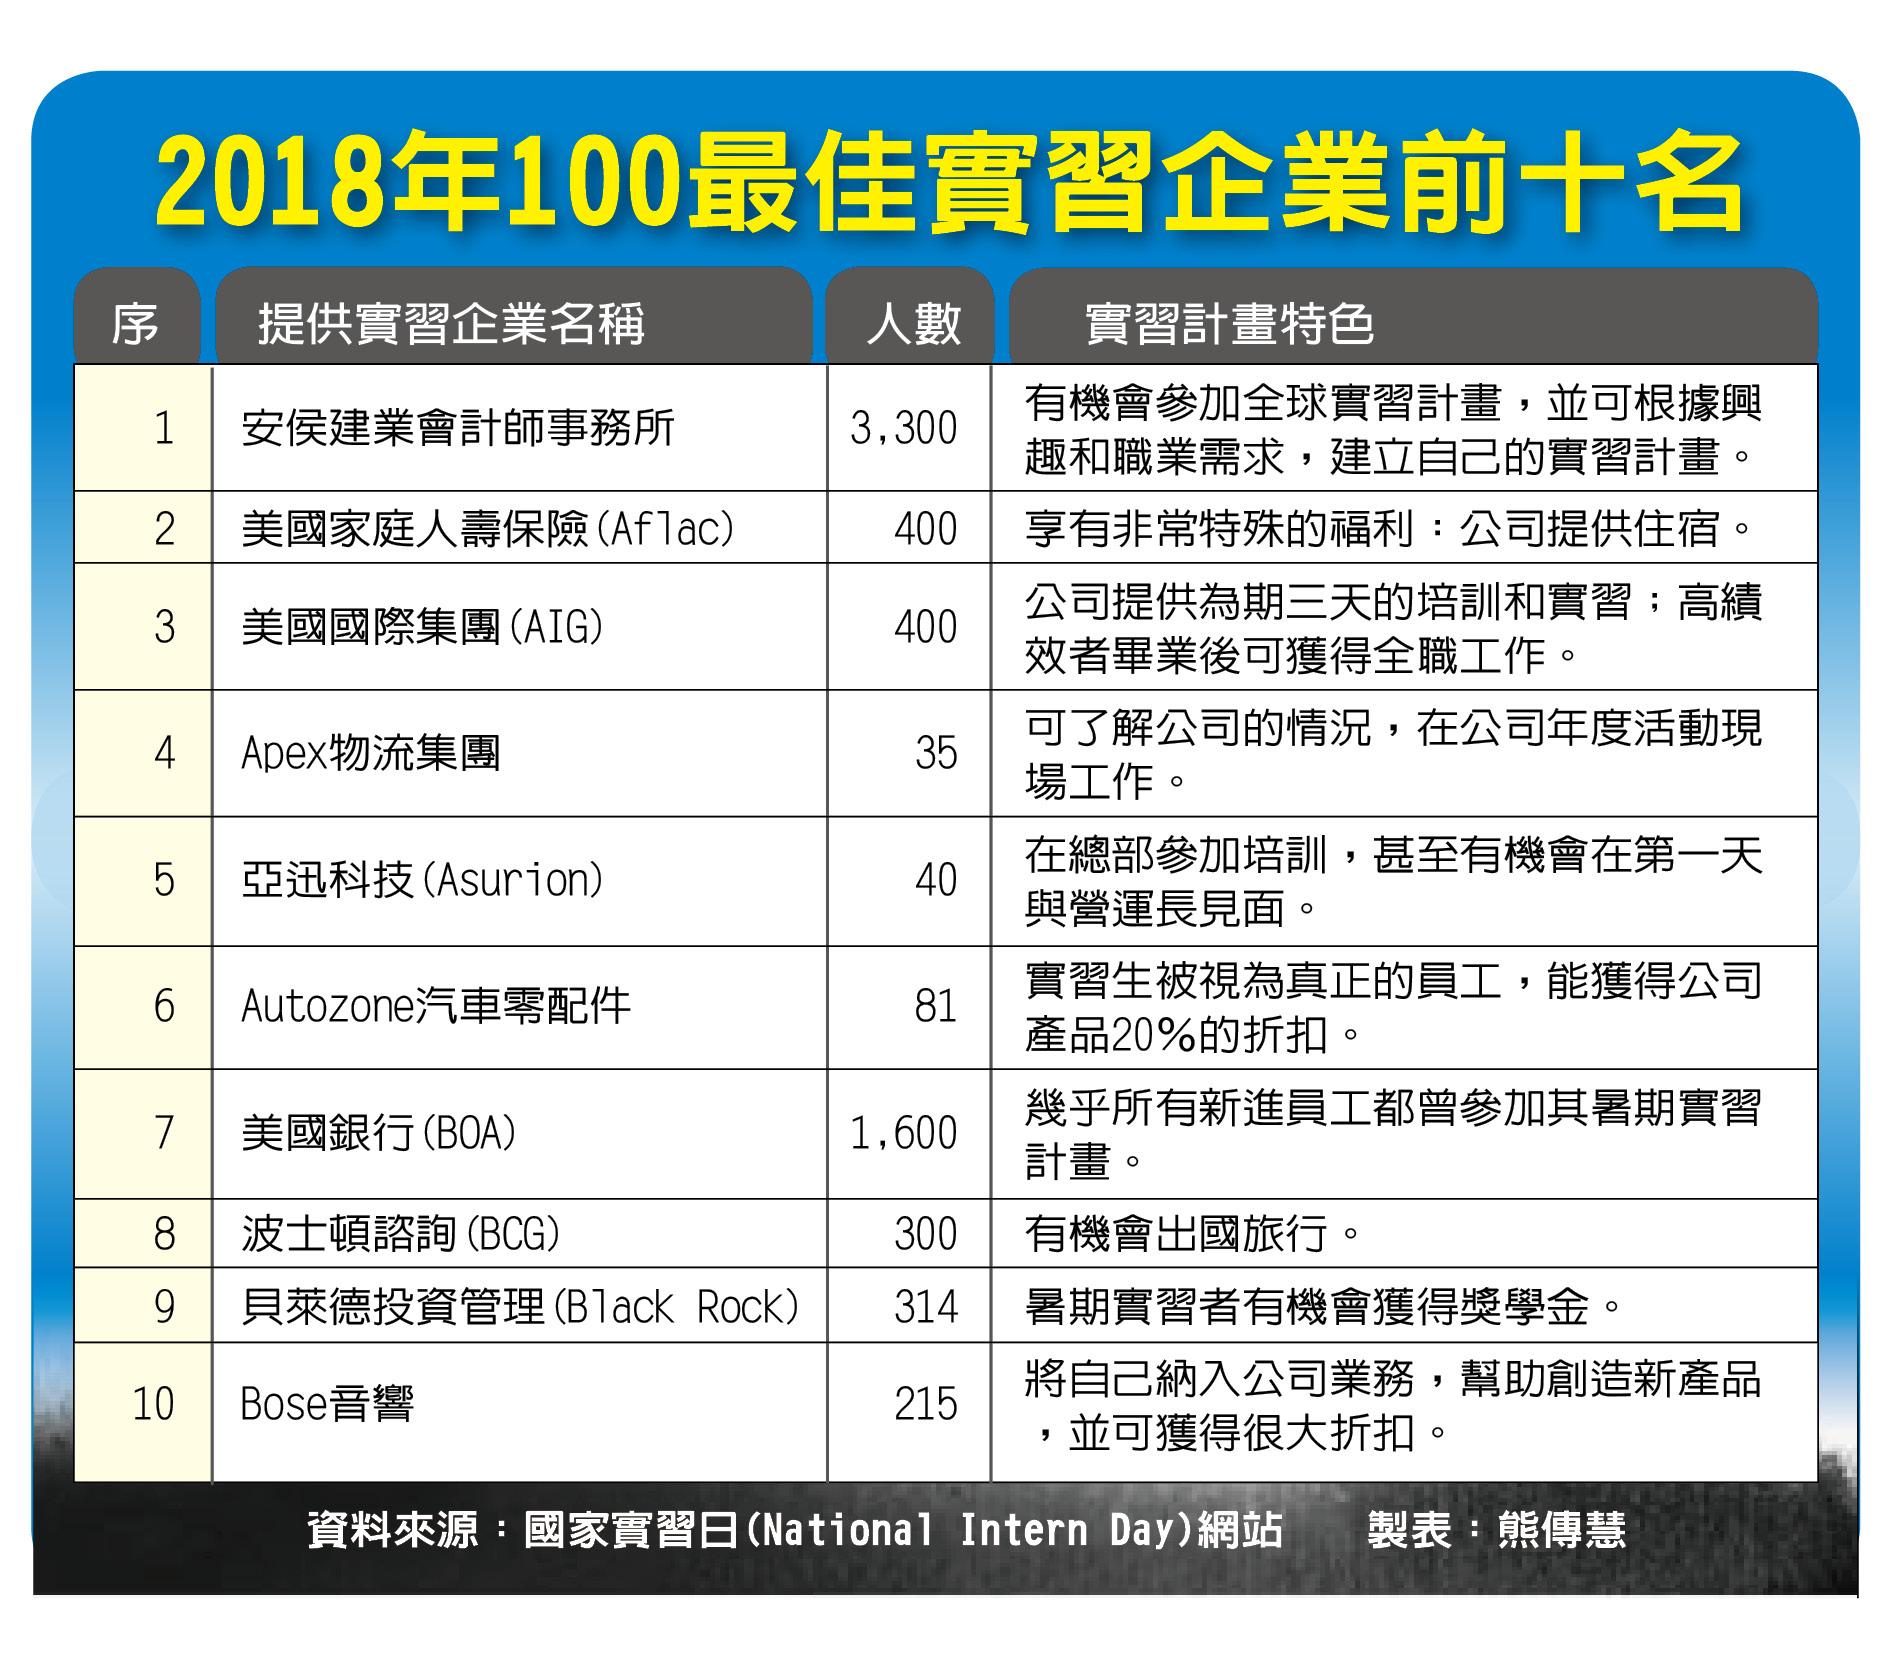 2018年最佳實習企業前十名。